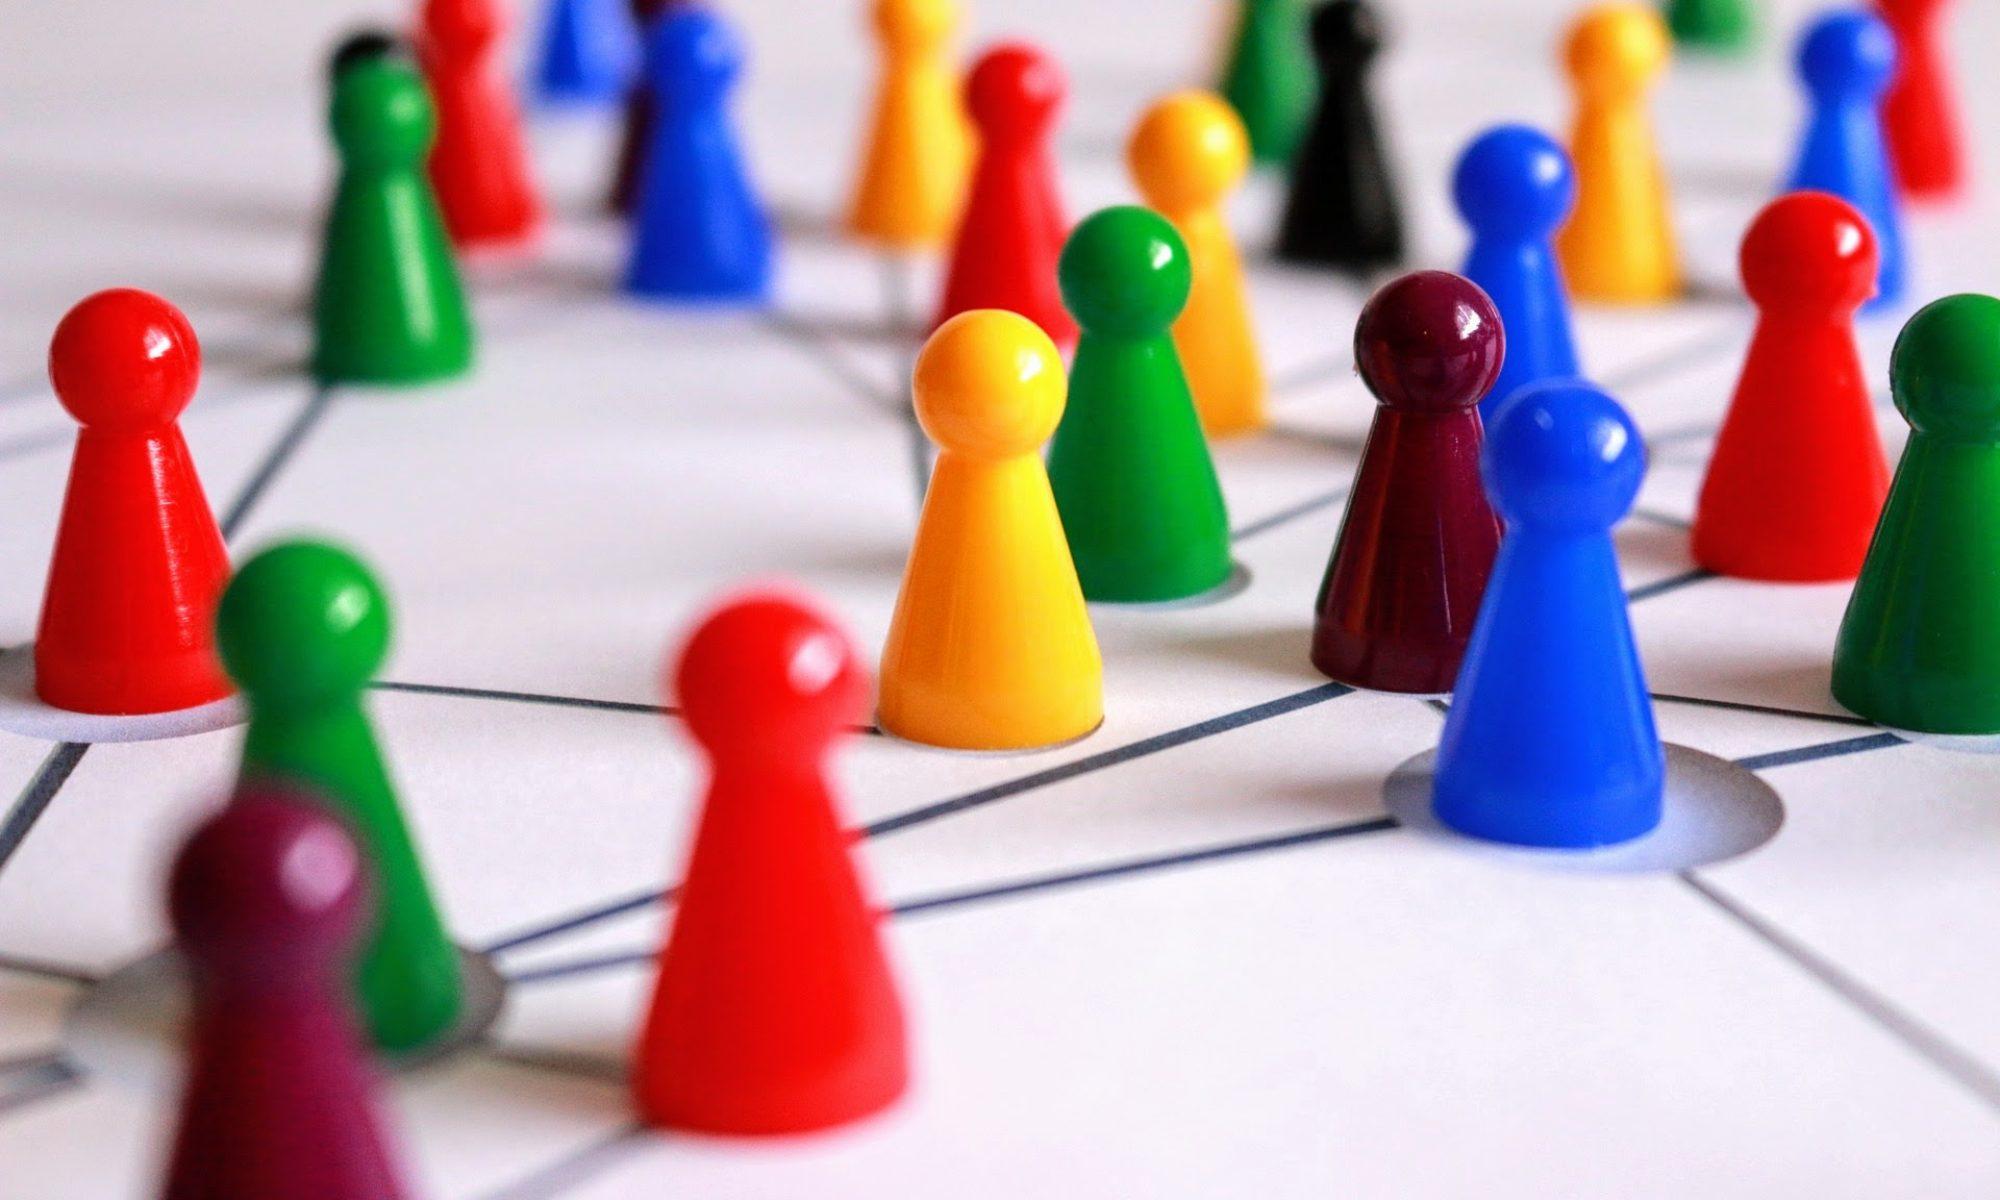 居住支援全国ネットワーク